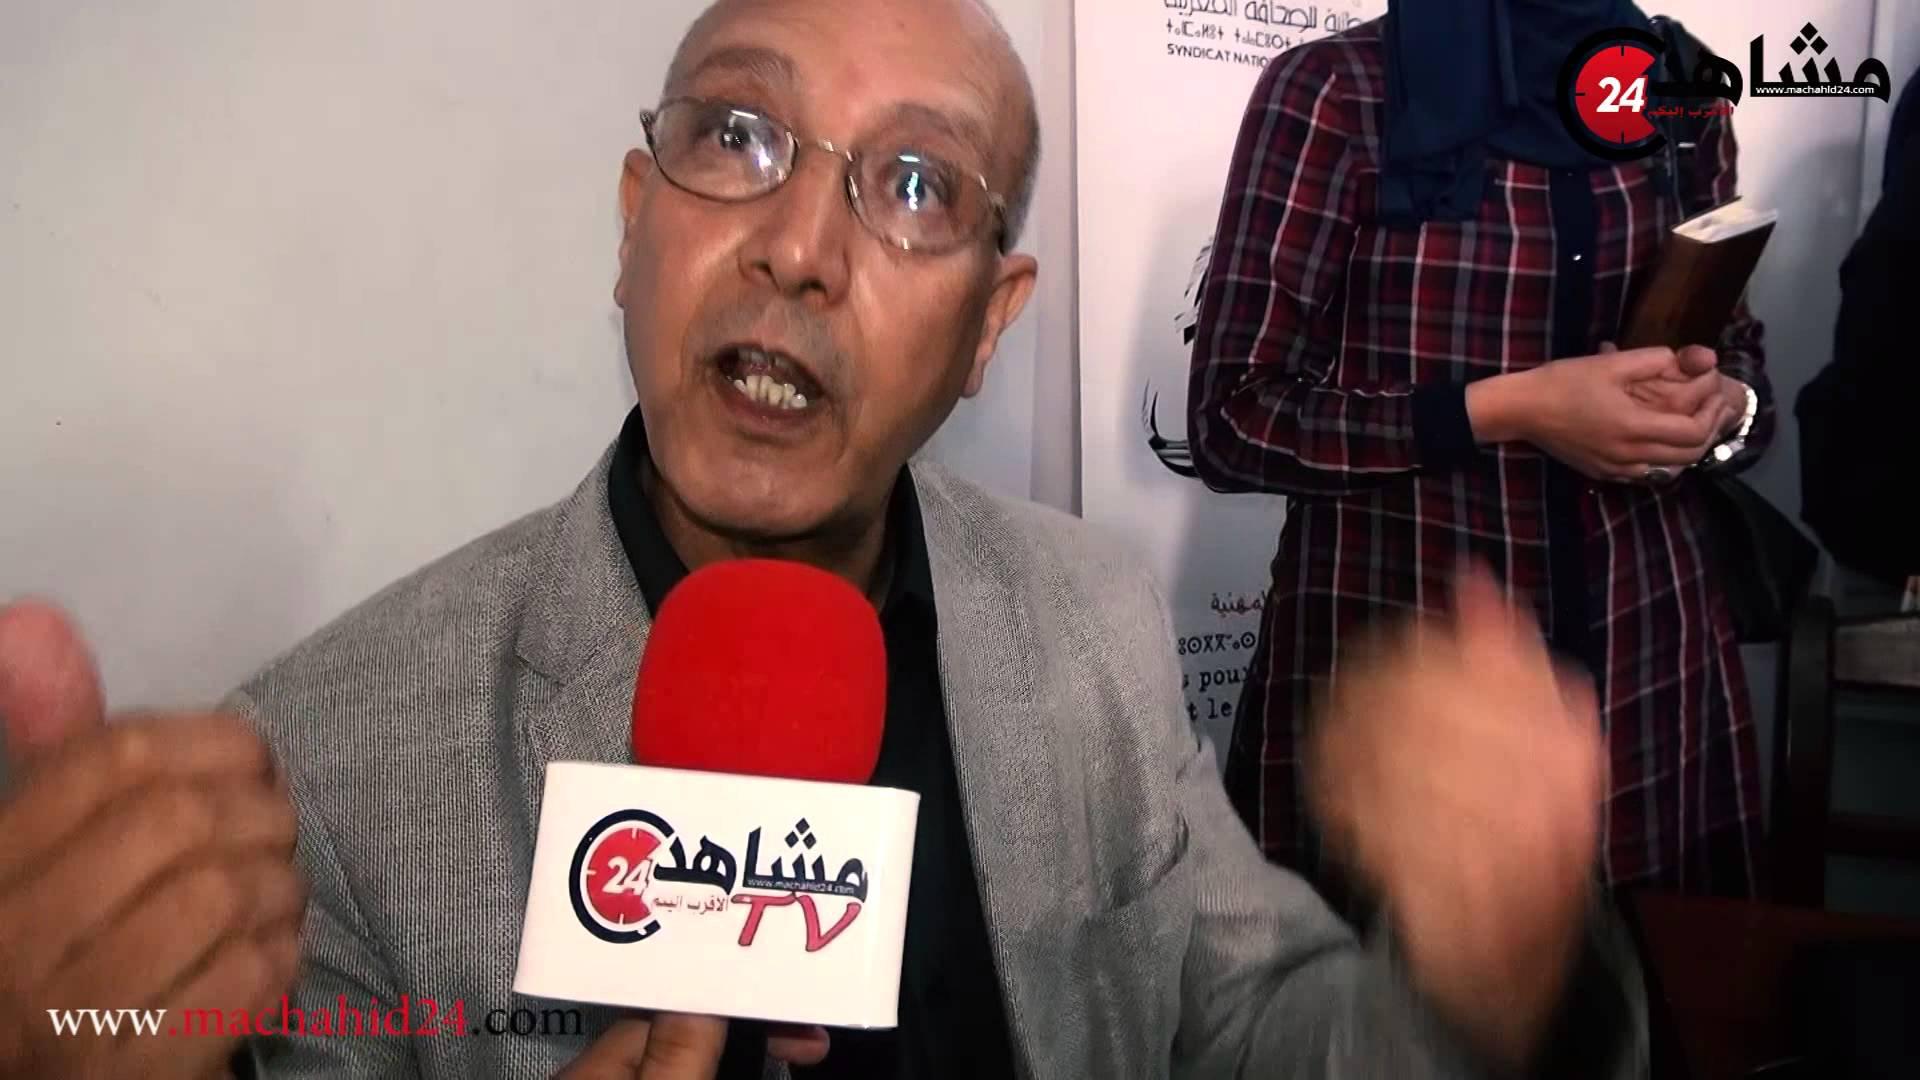 د.بوعزيز ينتقد الطريقة التي تم بها الإحتجاج أمام سفارة السويد